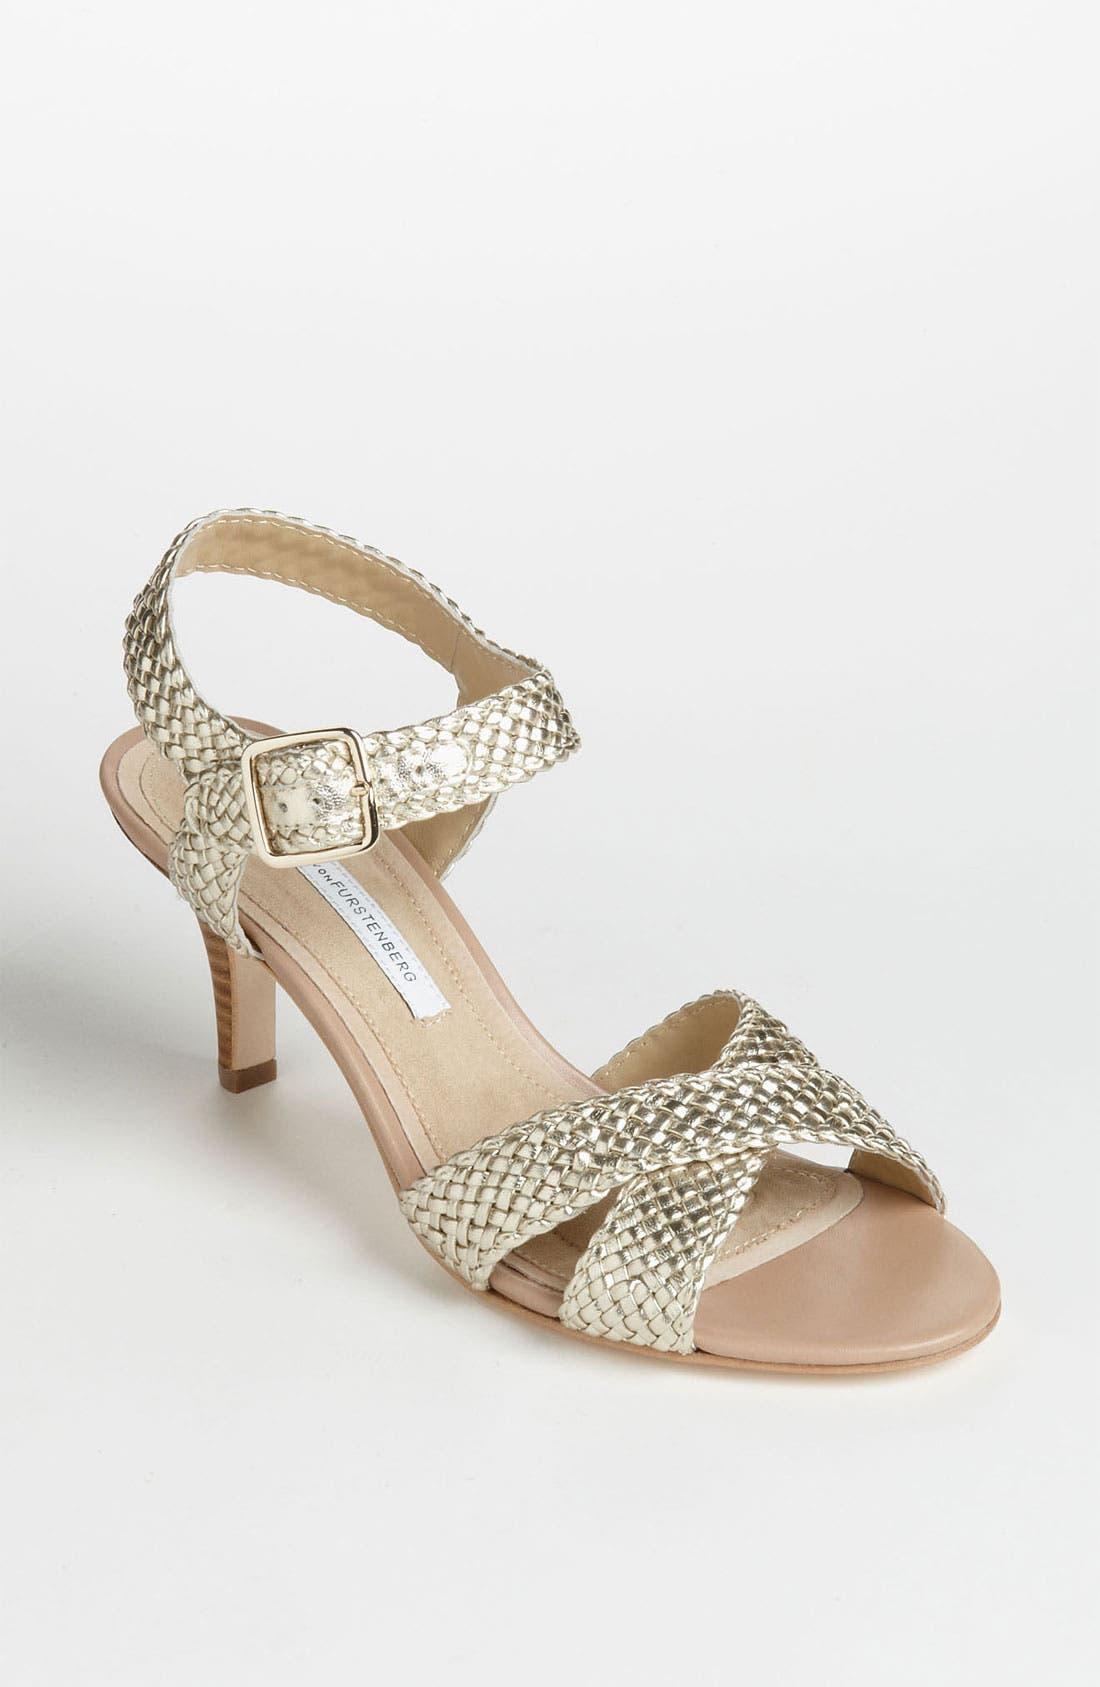 Main Image - Diane von Furstenberg 'Villana' Sandal